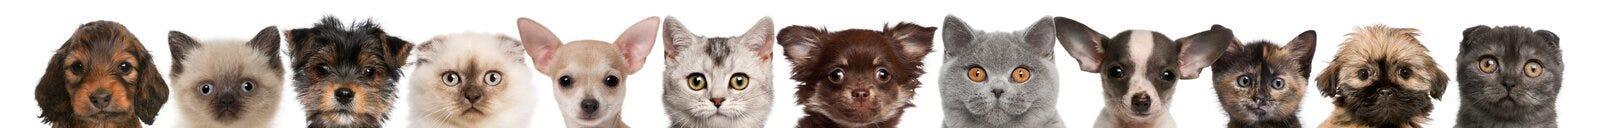 Vue des têtes de chiot et de chaton Photographie stock libre de droits